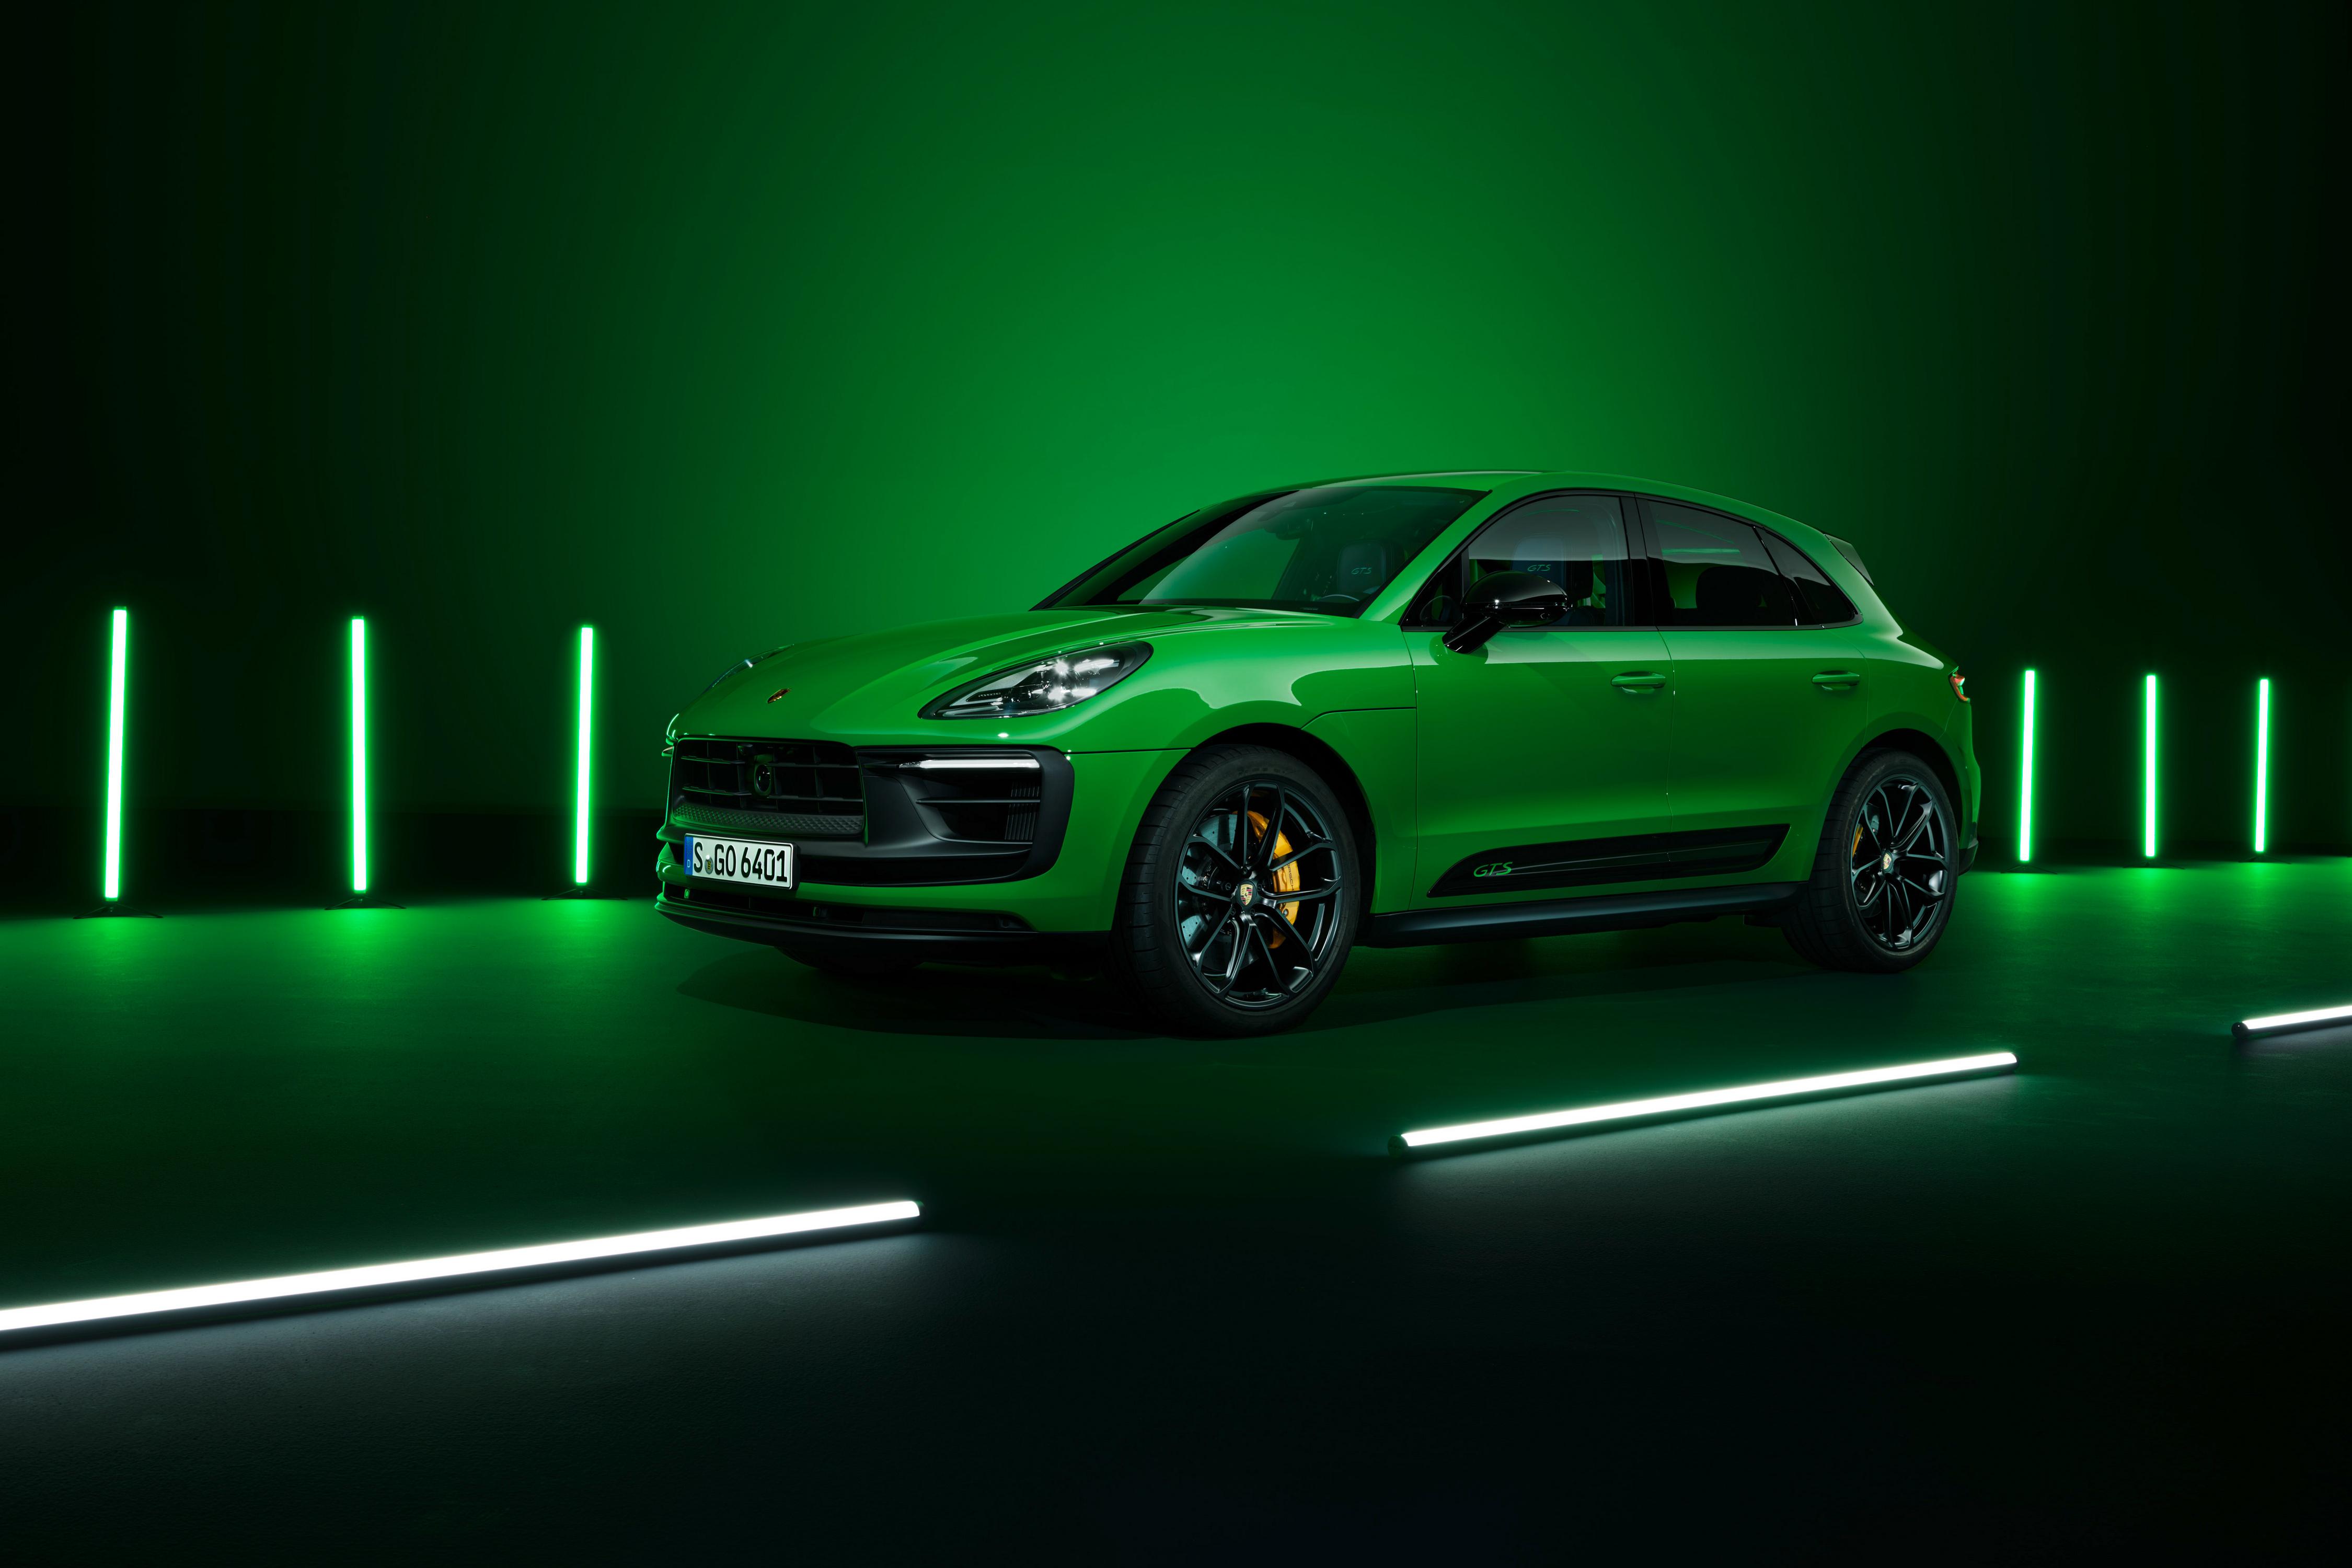 Картинки Porsche Macan GTS Sport Package, (Worldwide), (95B), 2021 зеленых авто Металлик Порше зеленая зеленые Зеленый машина машины Автомобили автомобиль